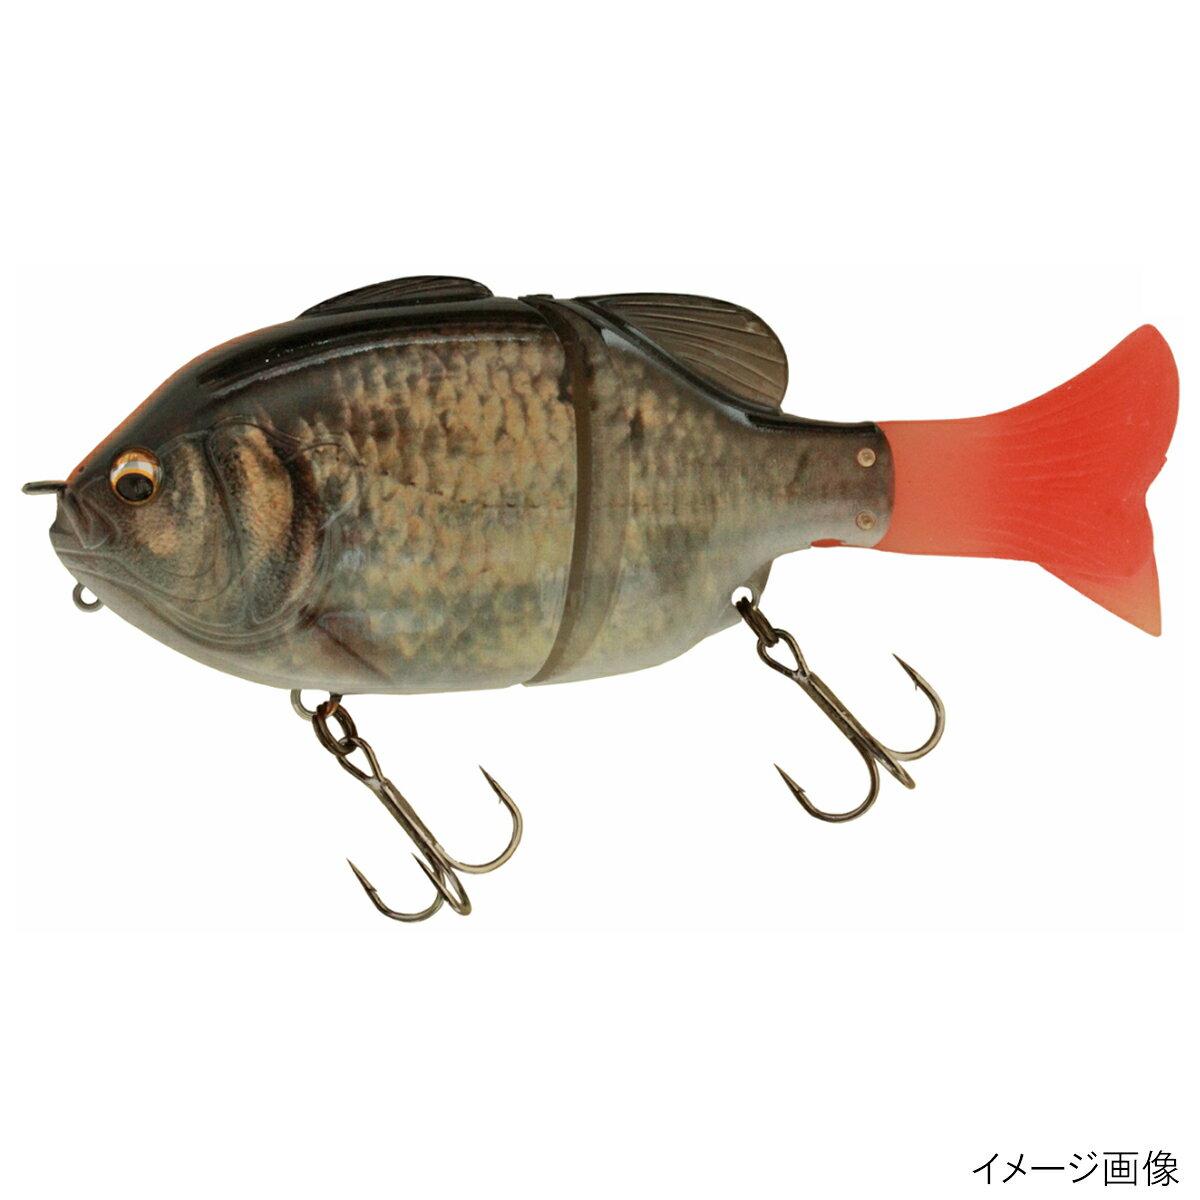 イマカツ ギルロイドJr. 3Dリアリズム #660(寒鮒ファイアーテール金)(東日本店)